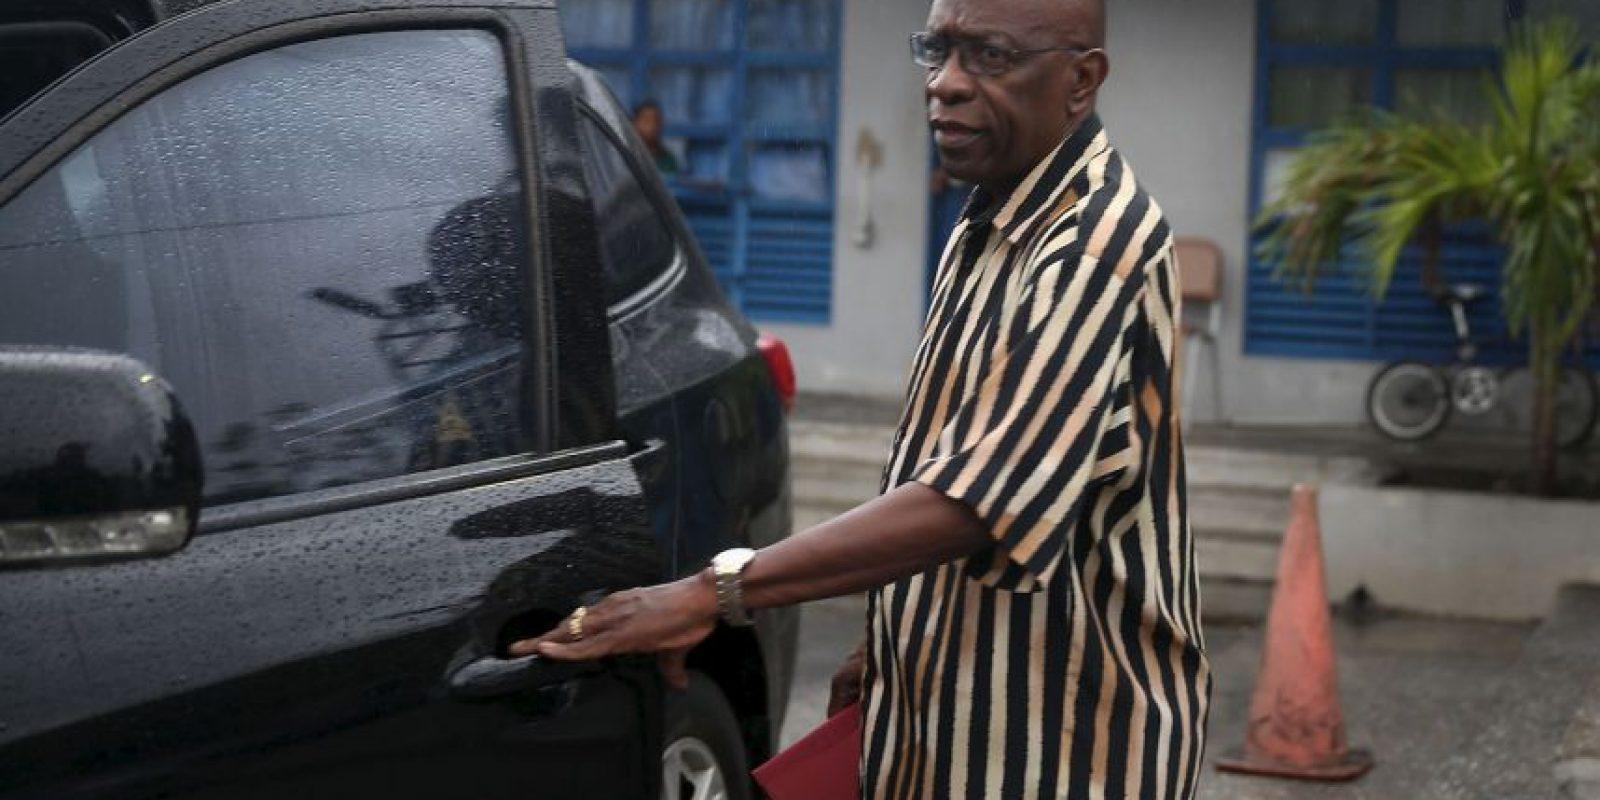 Desde 2011 renunció a la FIFA, pues fue acusado de fraude, asociación delictuosa y lavado de dinero. Fue arrestado en Trinidad y Tobago, pero liberado bajo fianza el 28 de mayo, aunque el proceso continúa. El pasado 29 de septiembre, la FIFA lo suspendió de por vida. Foto:Getty Images